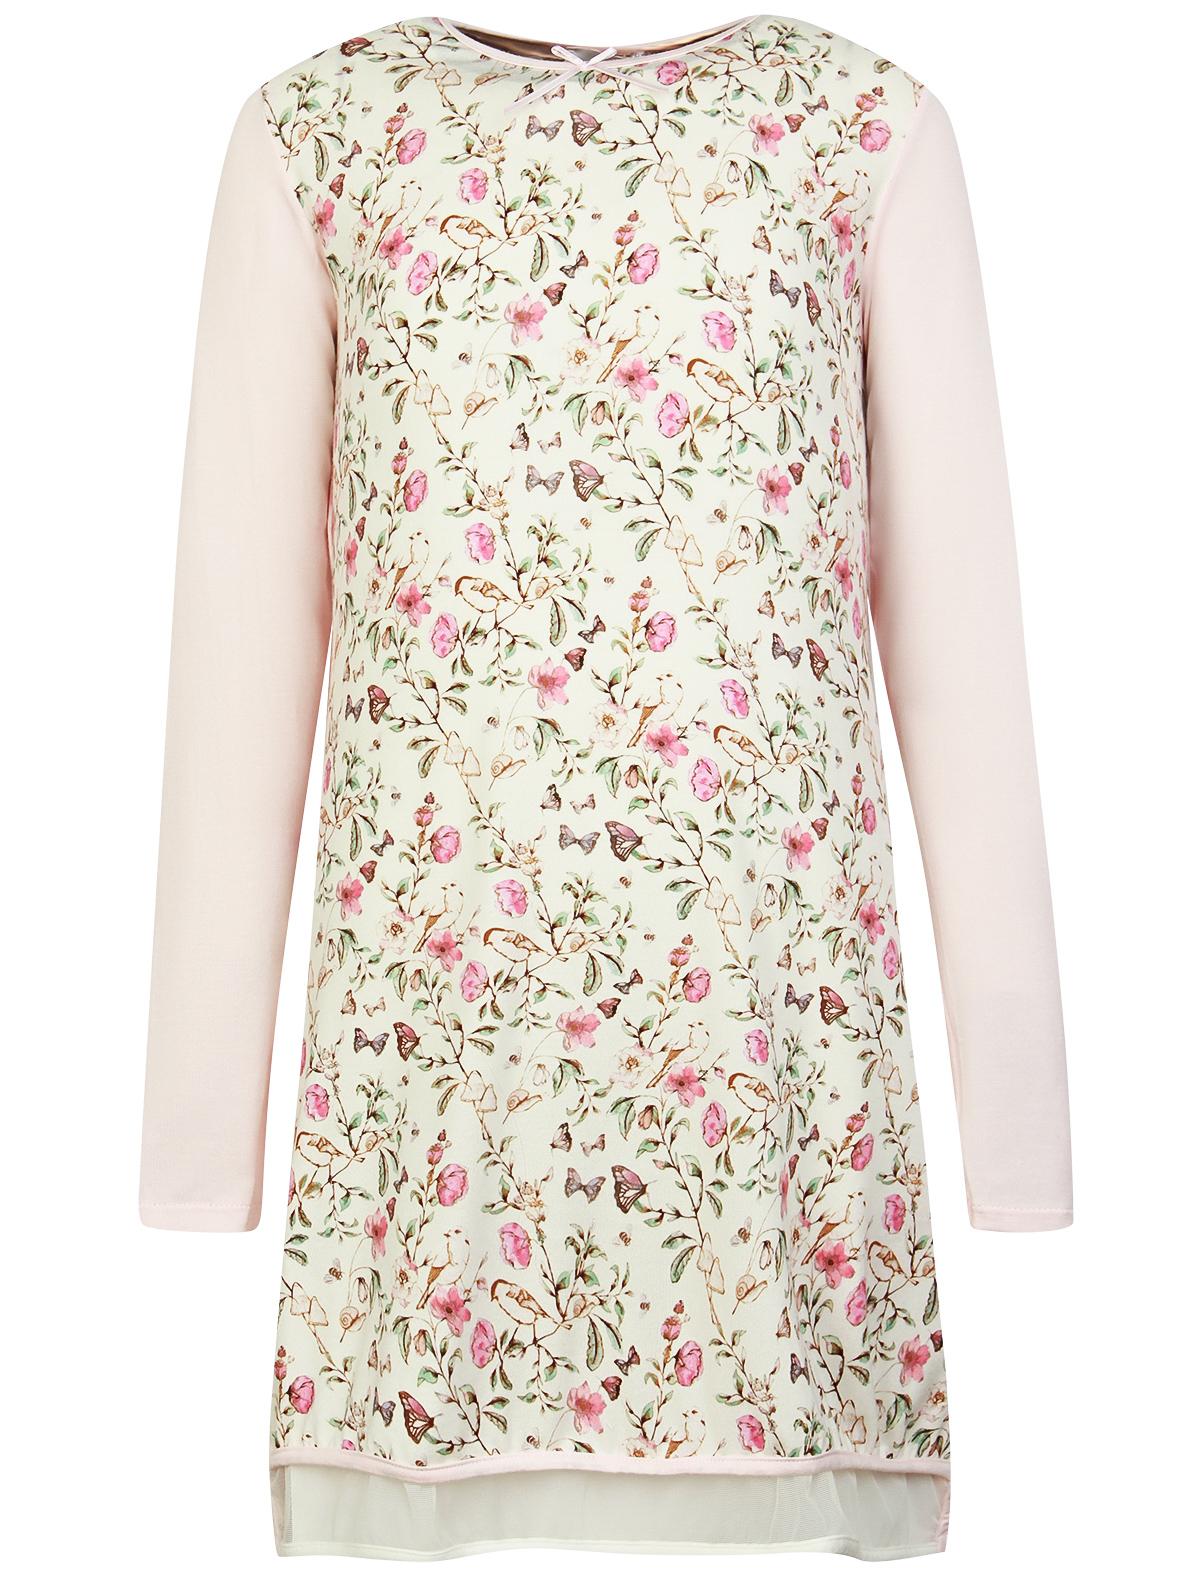 Купить 1929217, Ночная рубашка Story Loris, розовый, Женский, 3342609880070